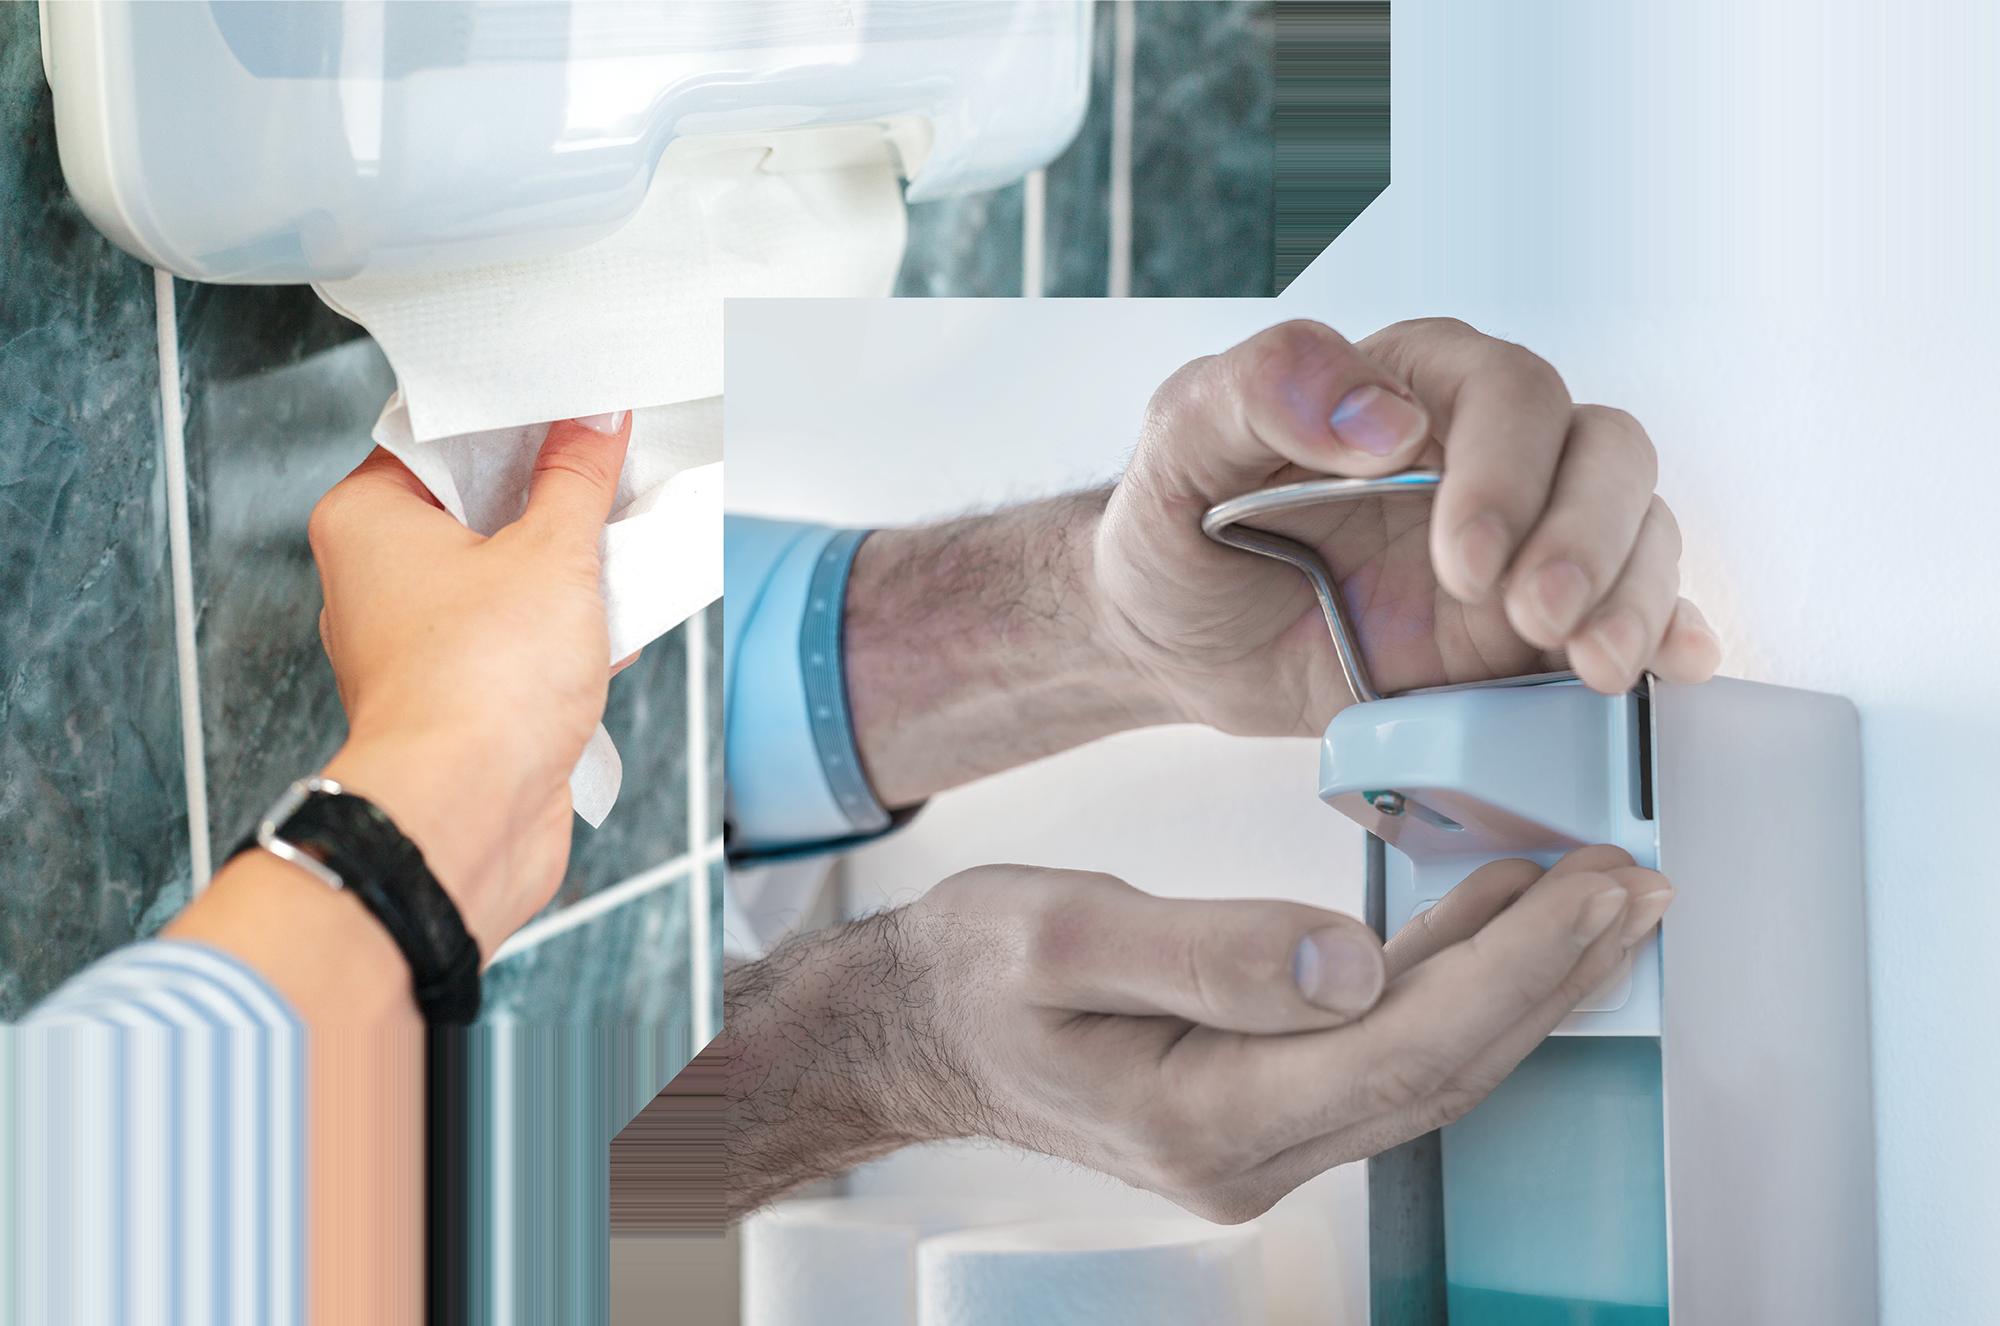 Zwei Bilder von Handreinigung und Handdesinfektion